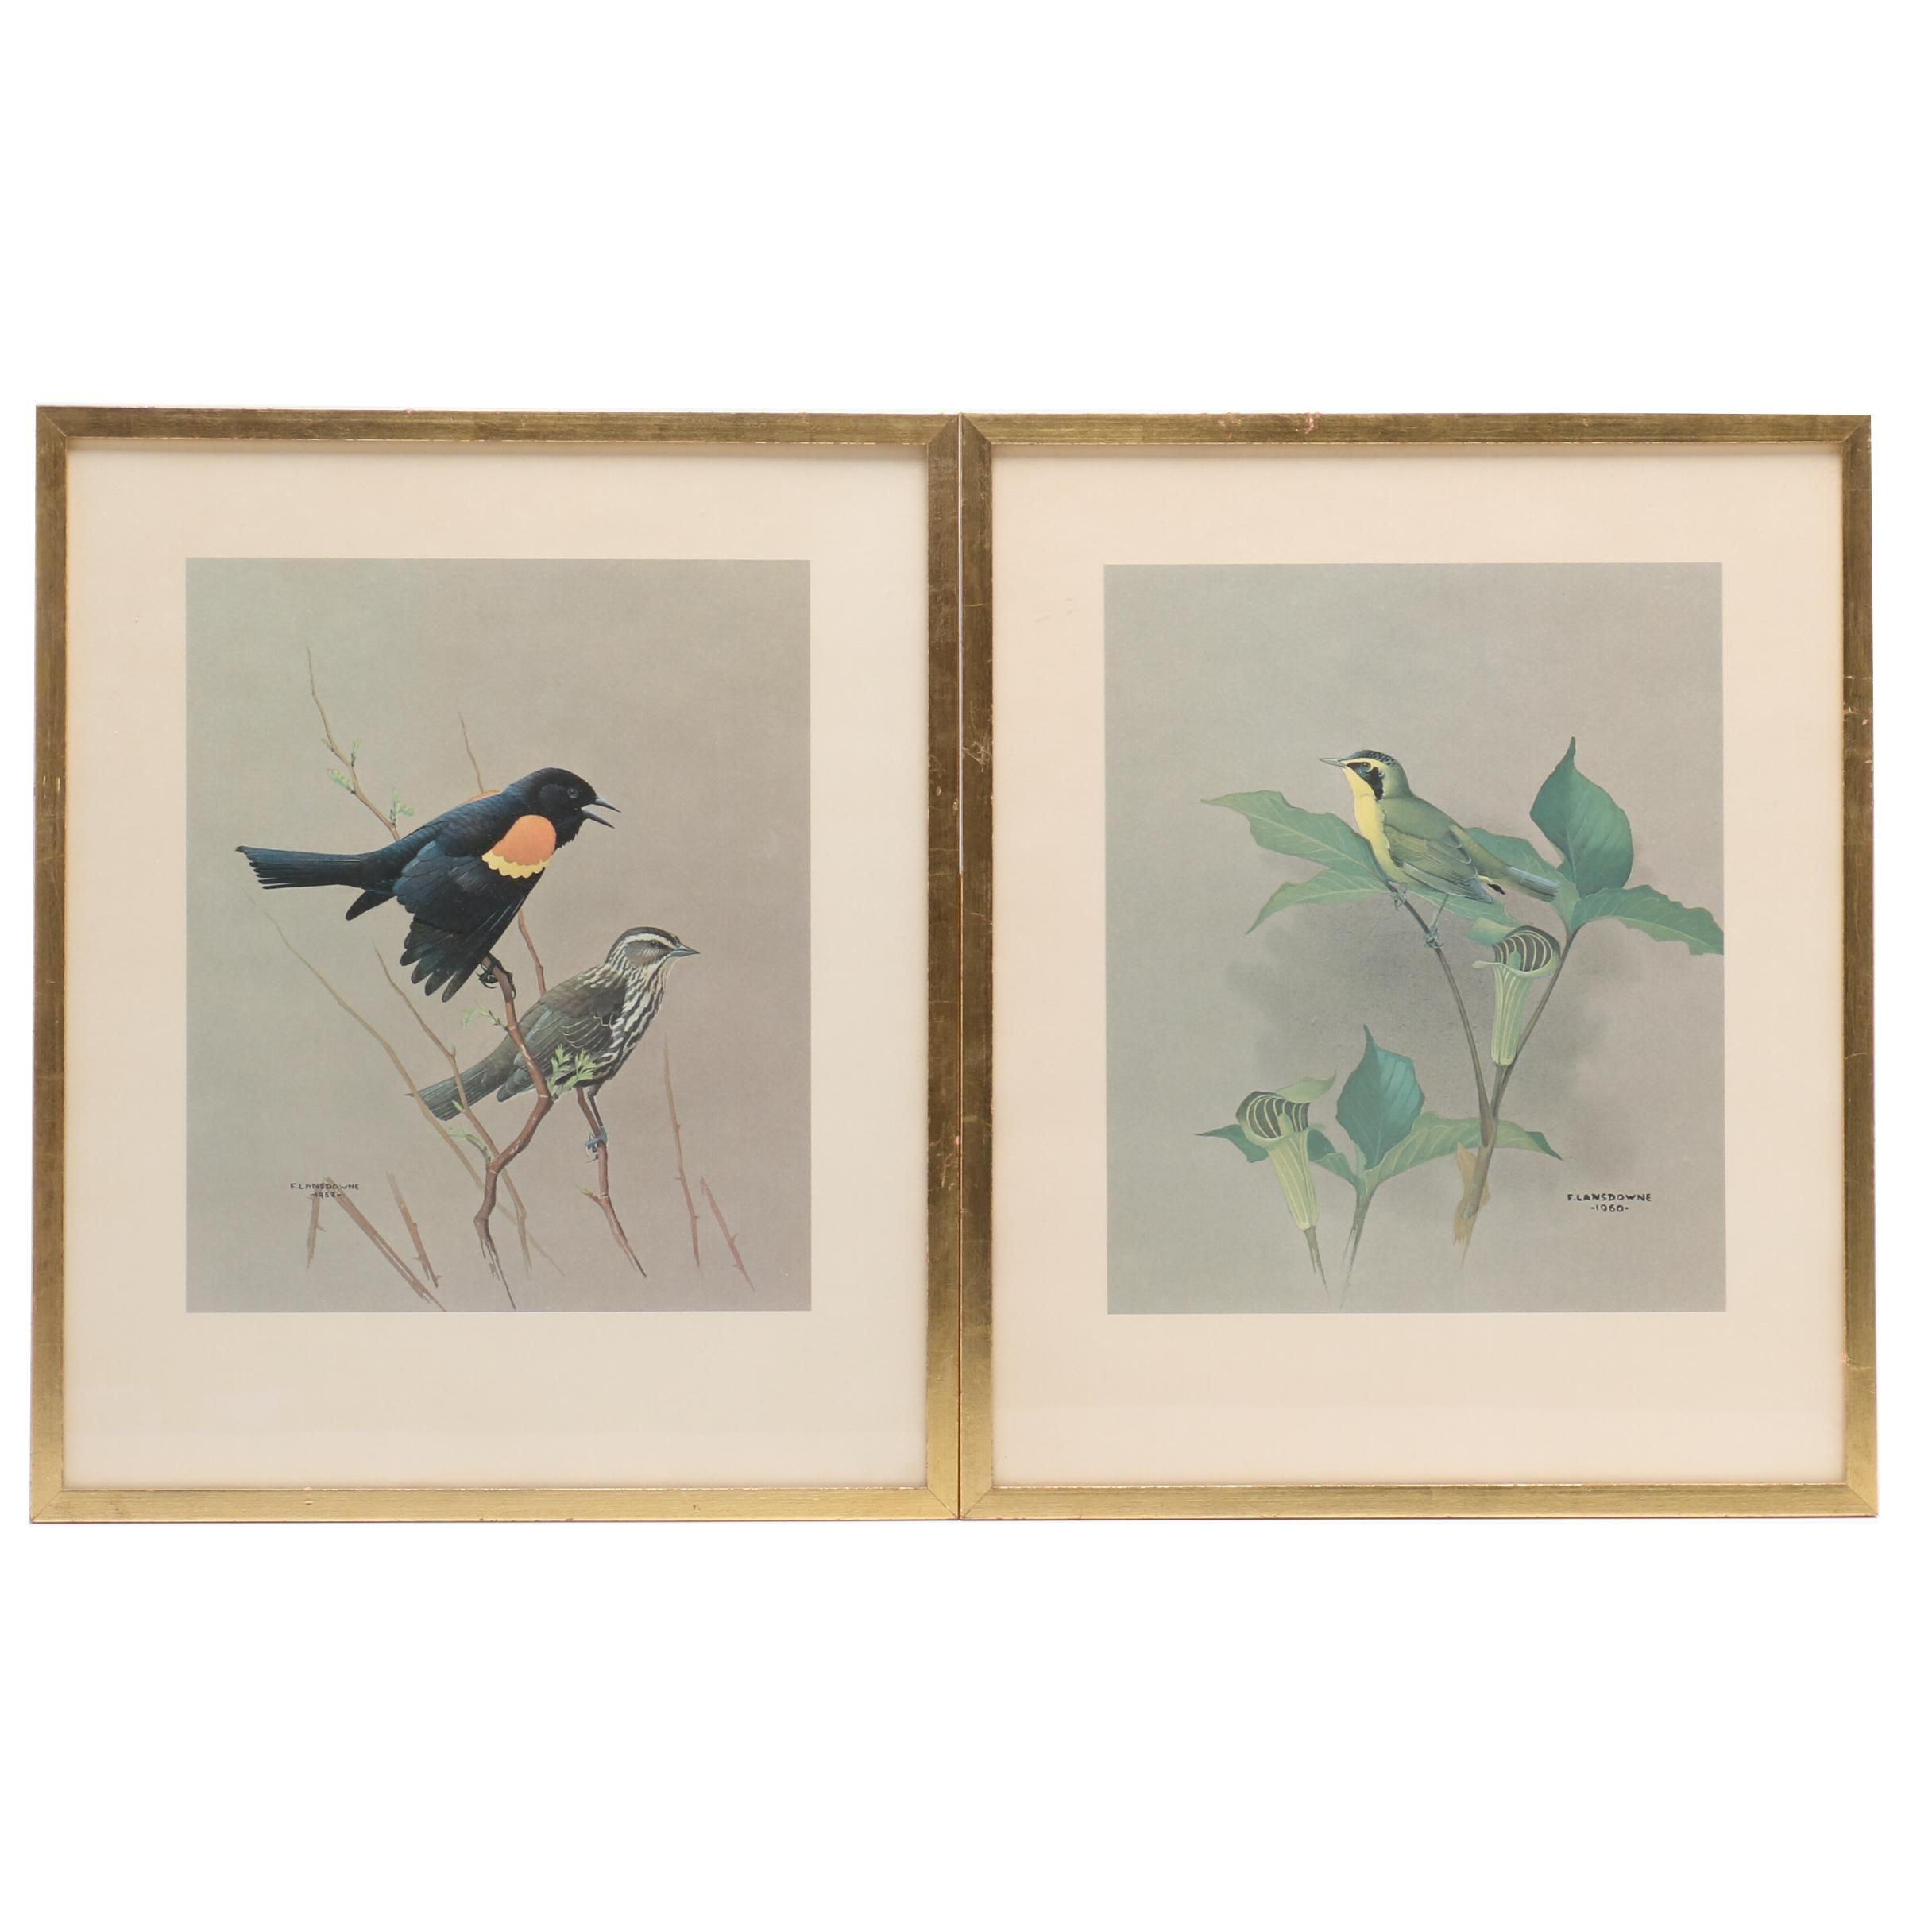 Offset Lithographs after J. Fenwick Landsdowne Ornithological Illustrations